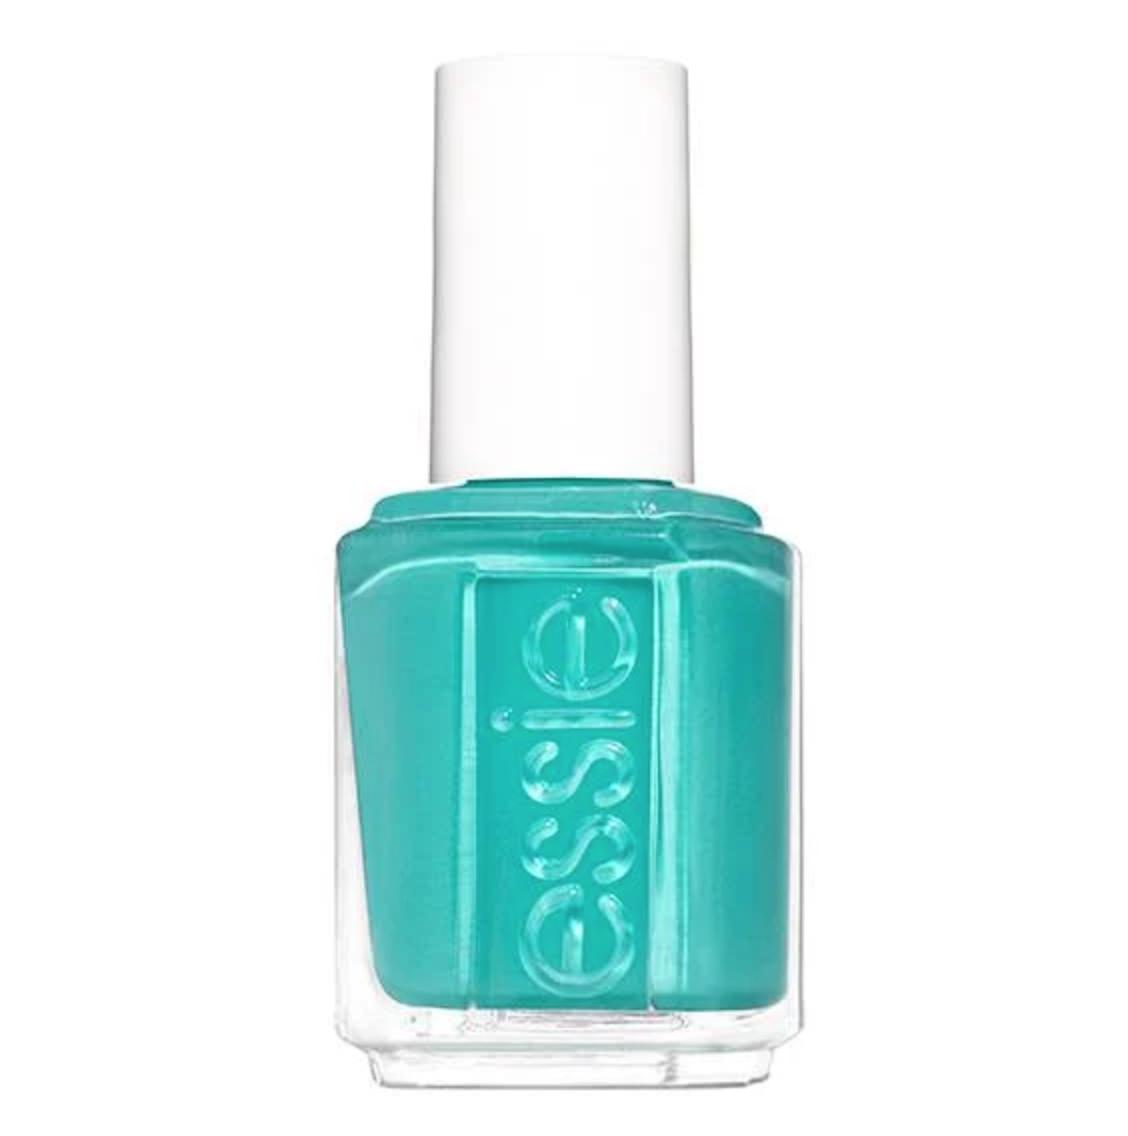 Essie green nail polish